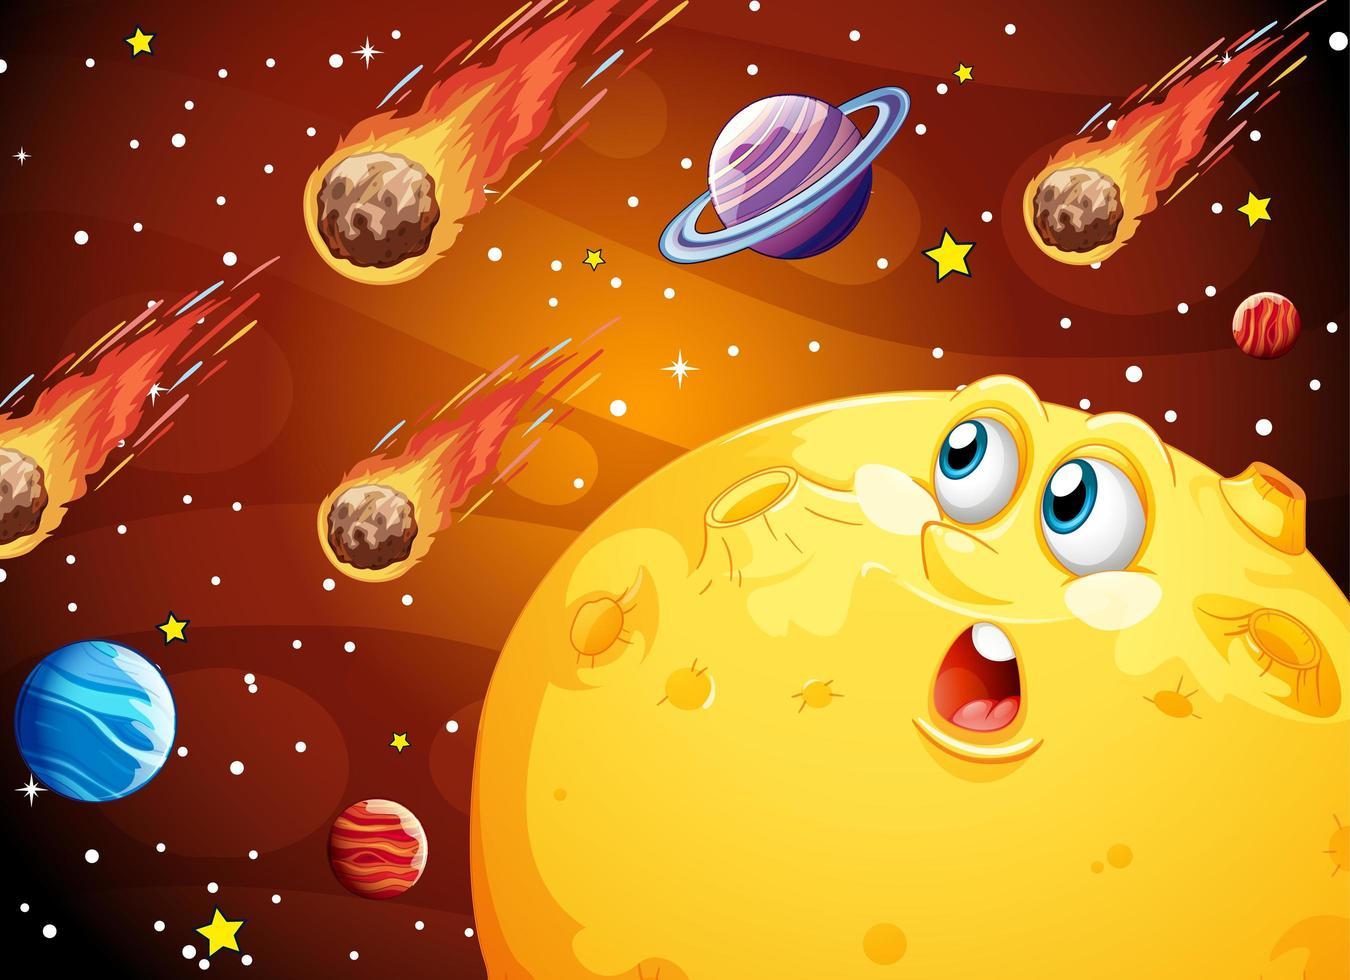 maan met blij gezicht in ruimtemelkweg vector